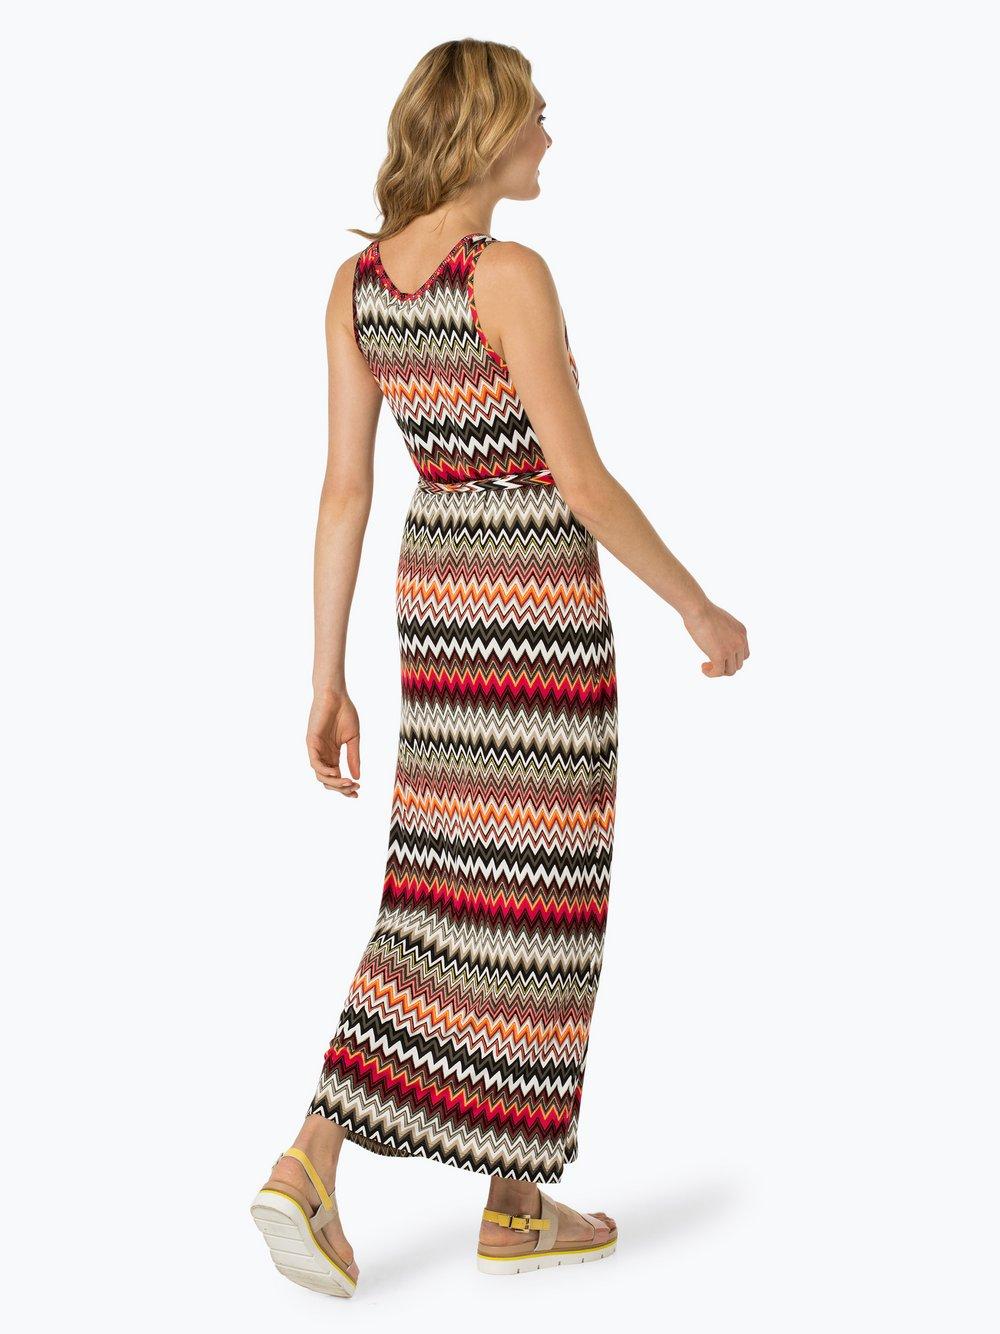 Damen kaufenVANGRAAF BLACK COM LABEL s Oliver Kleid online 6f7Ygyb